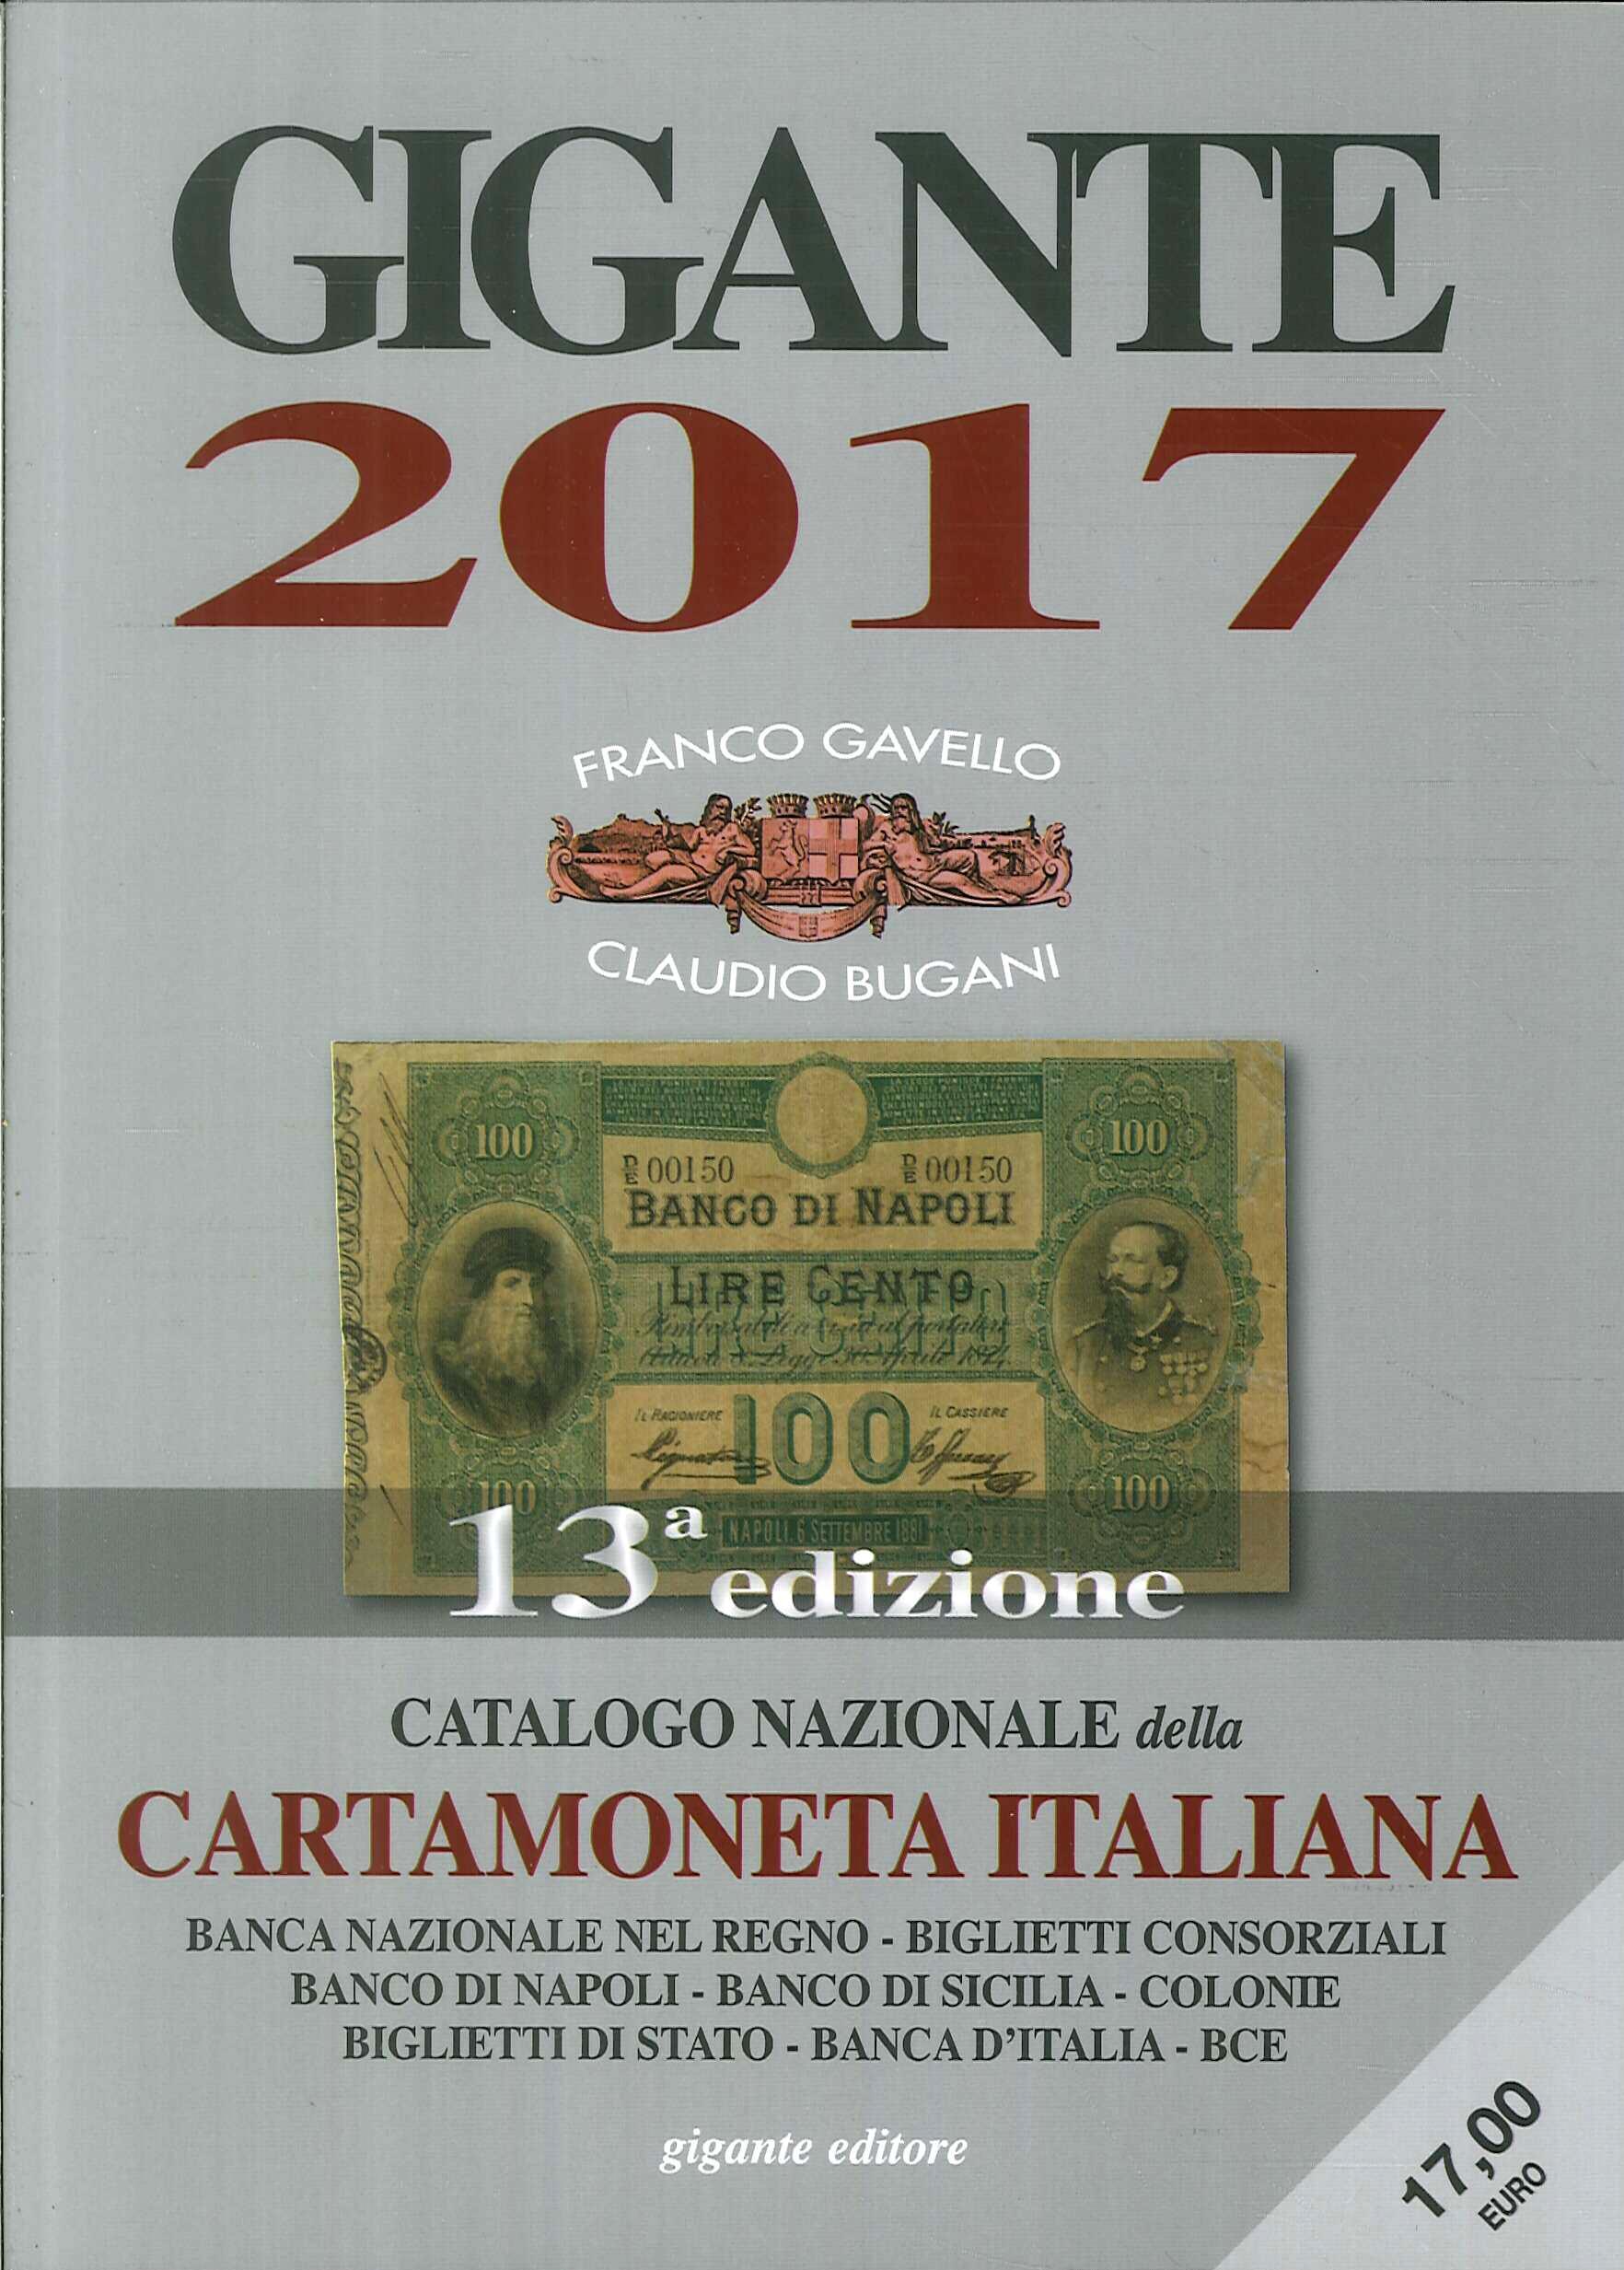 Gigante 2017. Catalogo Nazionale della Cartamoneta italiana